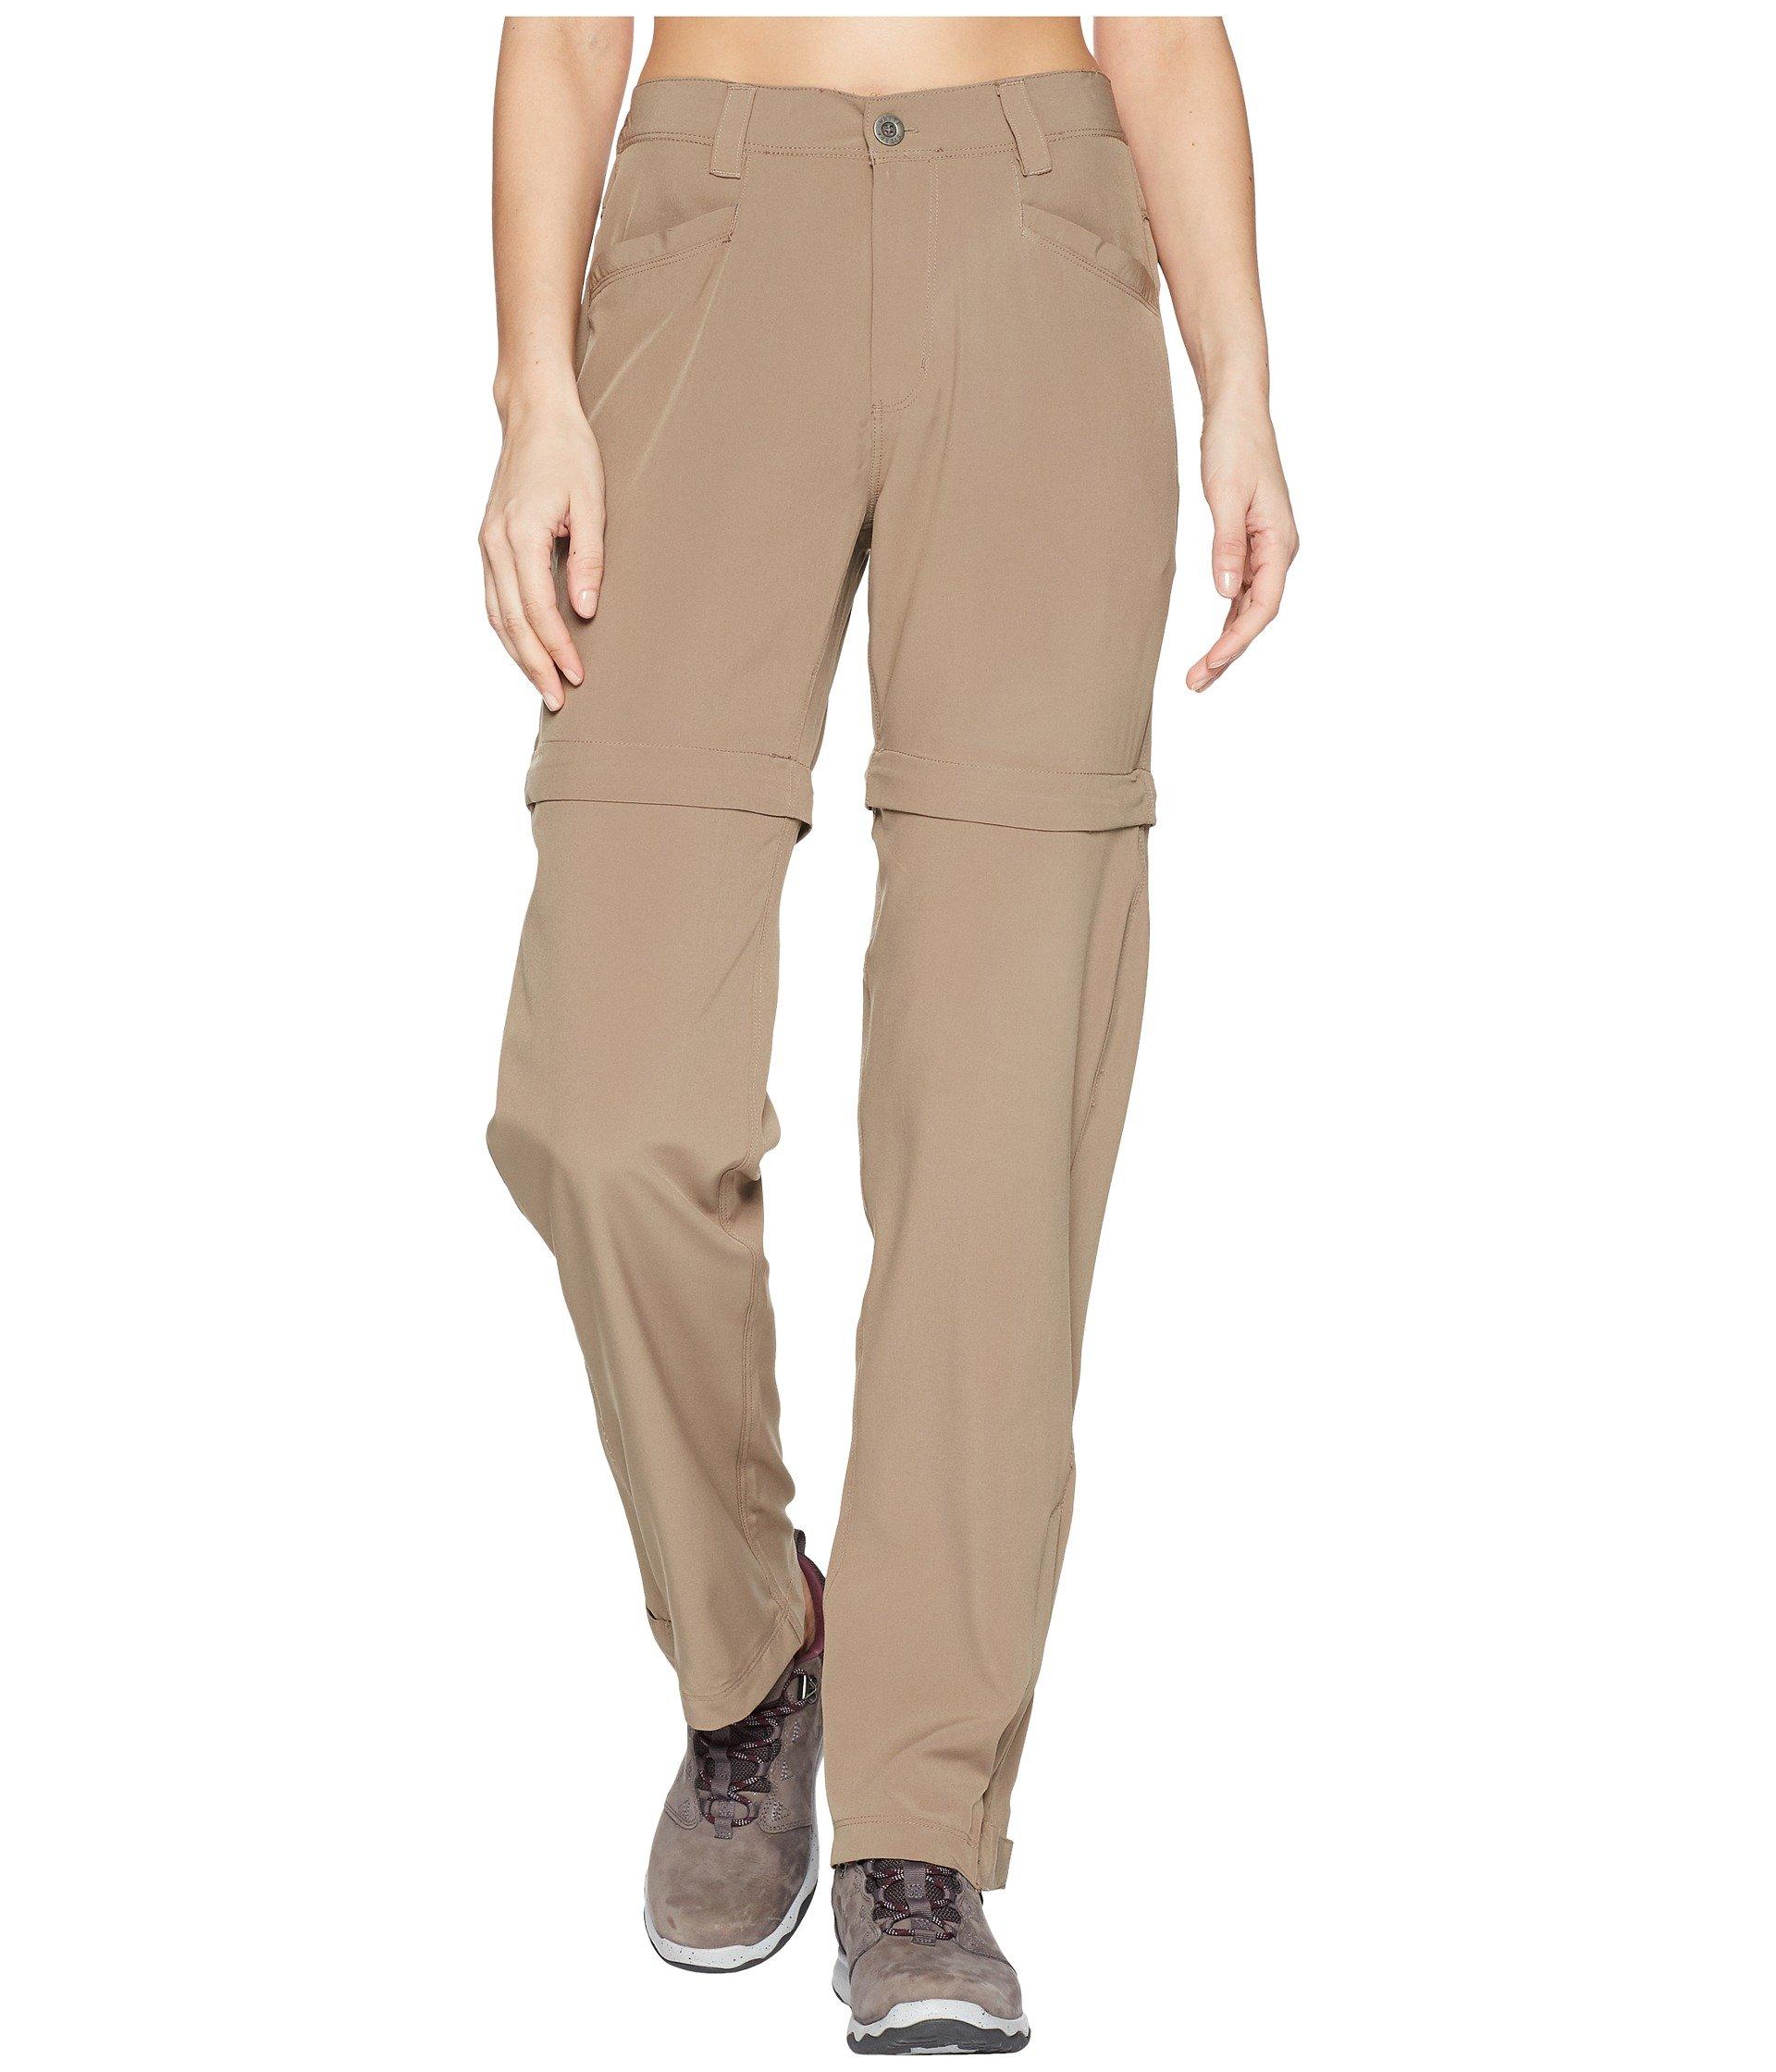 Pantalón para Mujer White Sierra Mt. Tamalpais Stretch Convertible Pants  + White Sierra en VeoyCompro.net